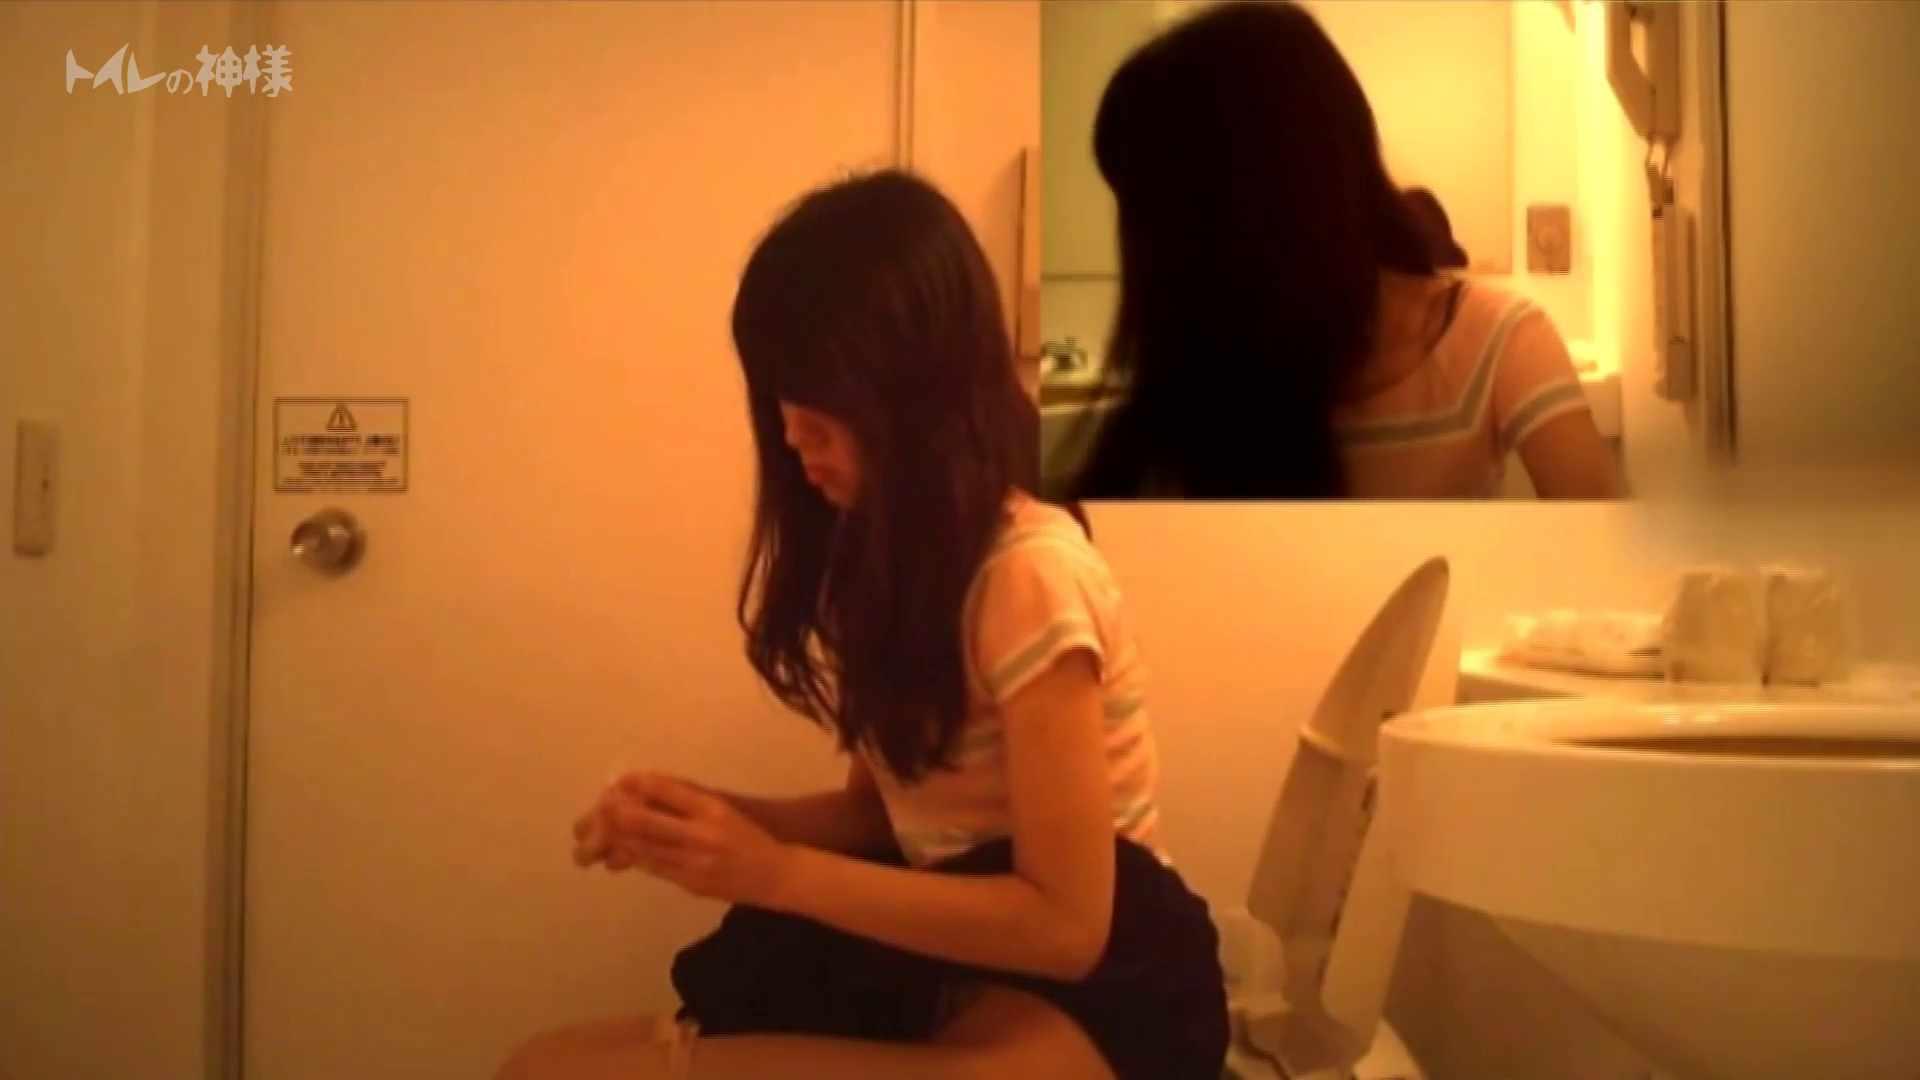 Vol.04 女子大生のトイレ恥態 盛合せ スケベ動画紹介 92枚 44